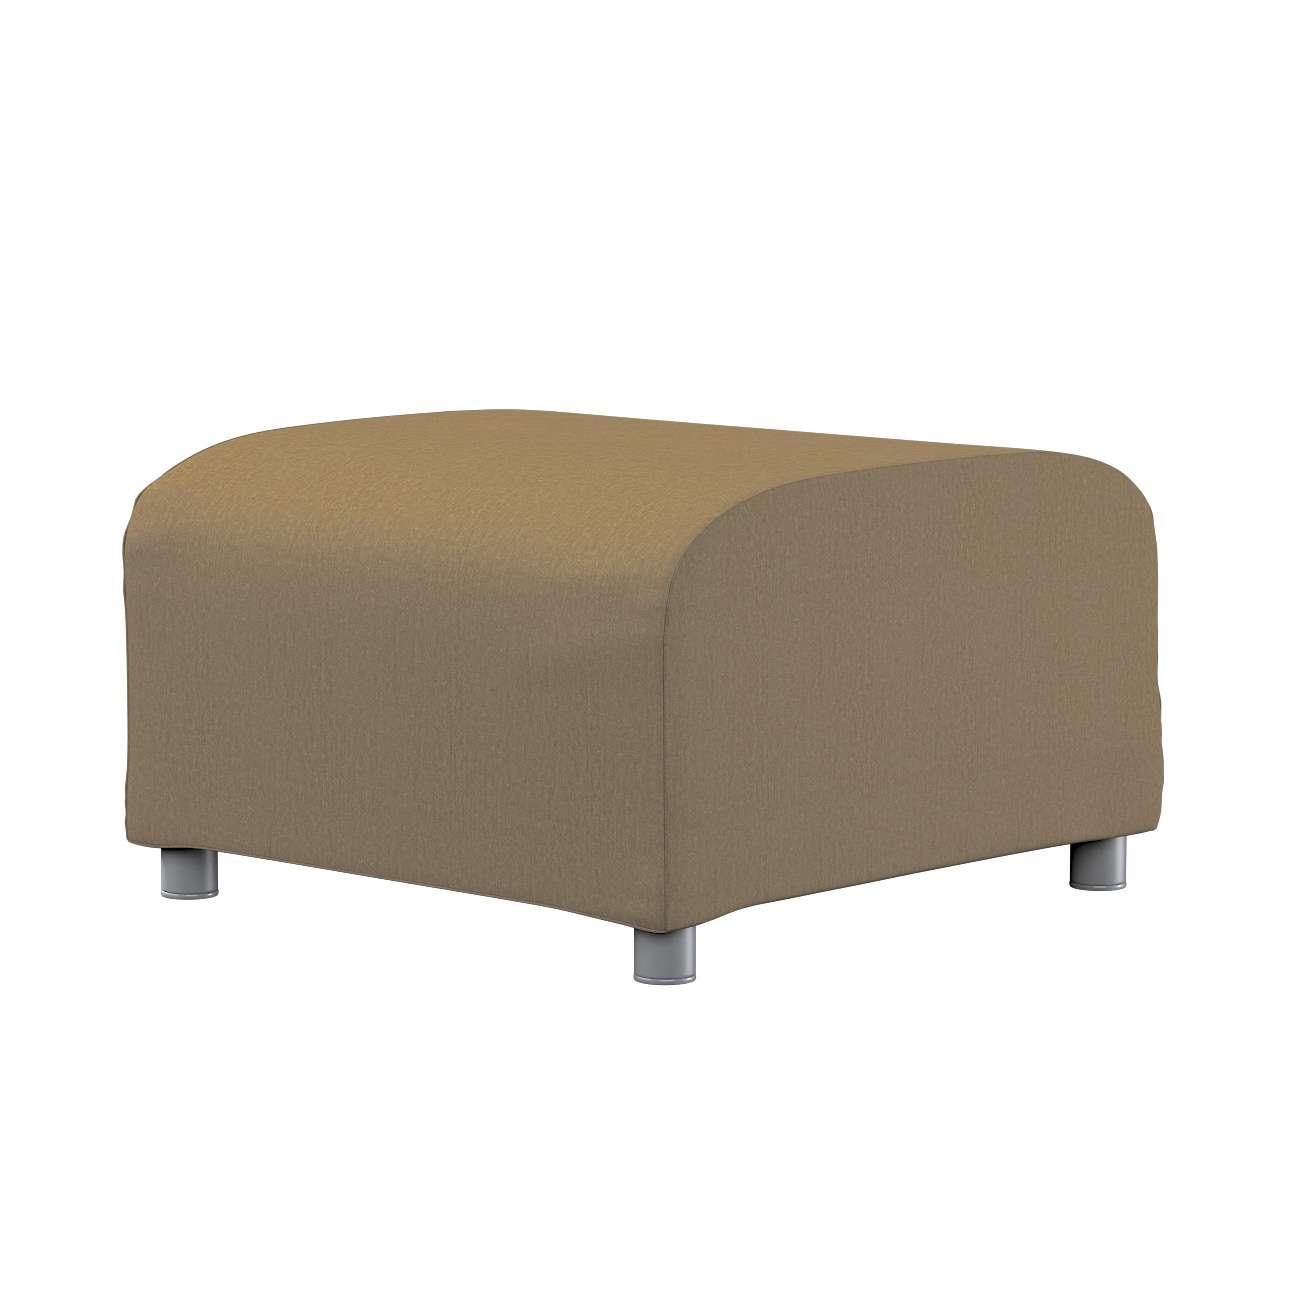 KLIPPAN pufo užvalkalas Klippan footstool cover kolekcijoje Chenille, audinys: 702-21